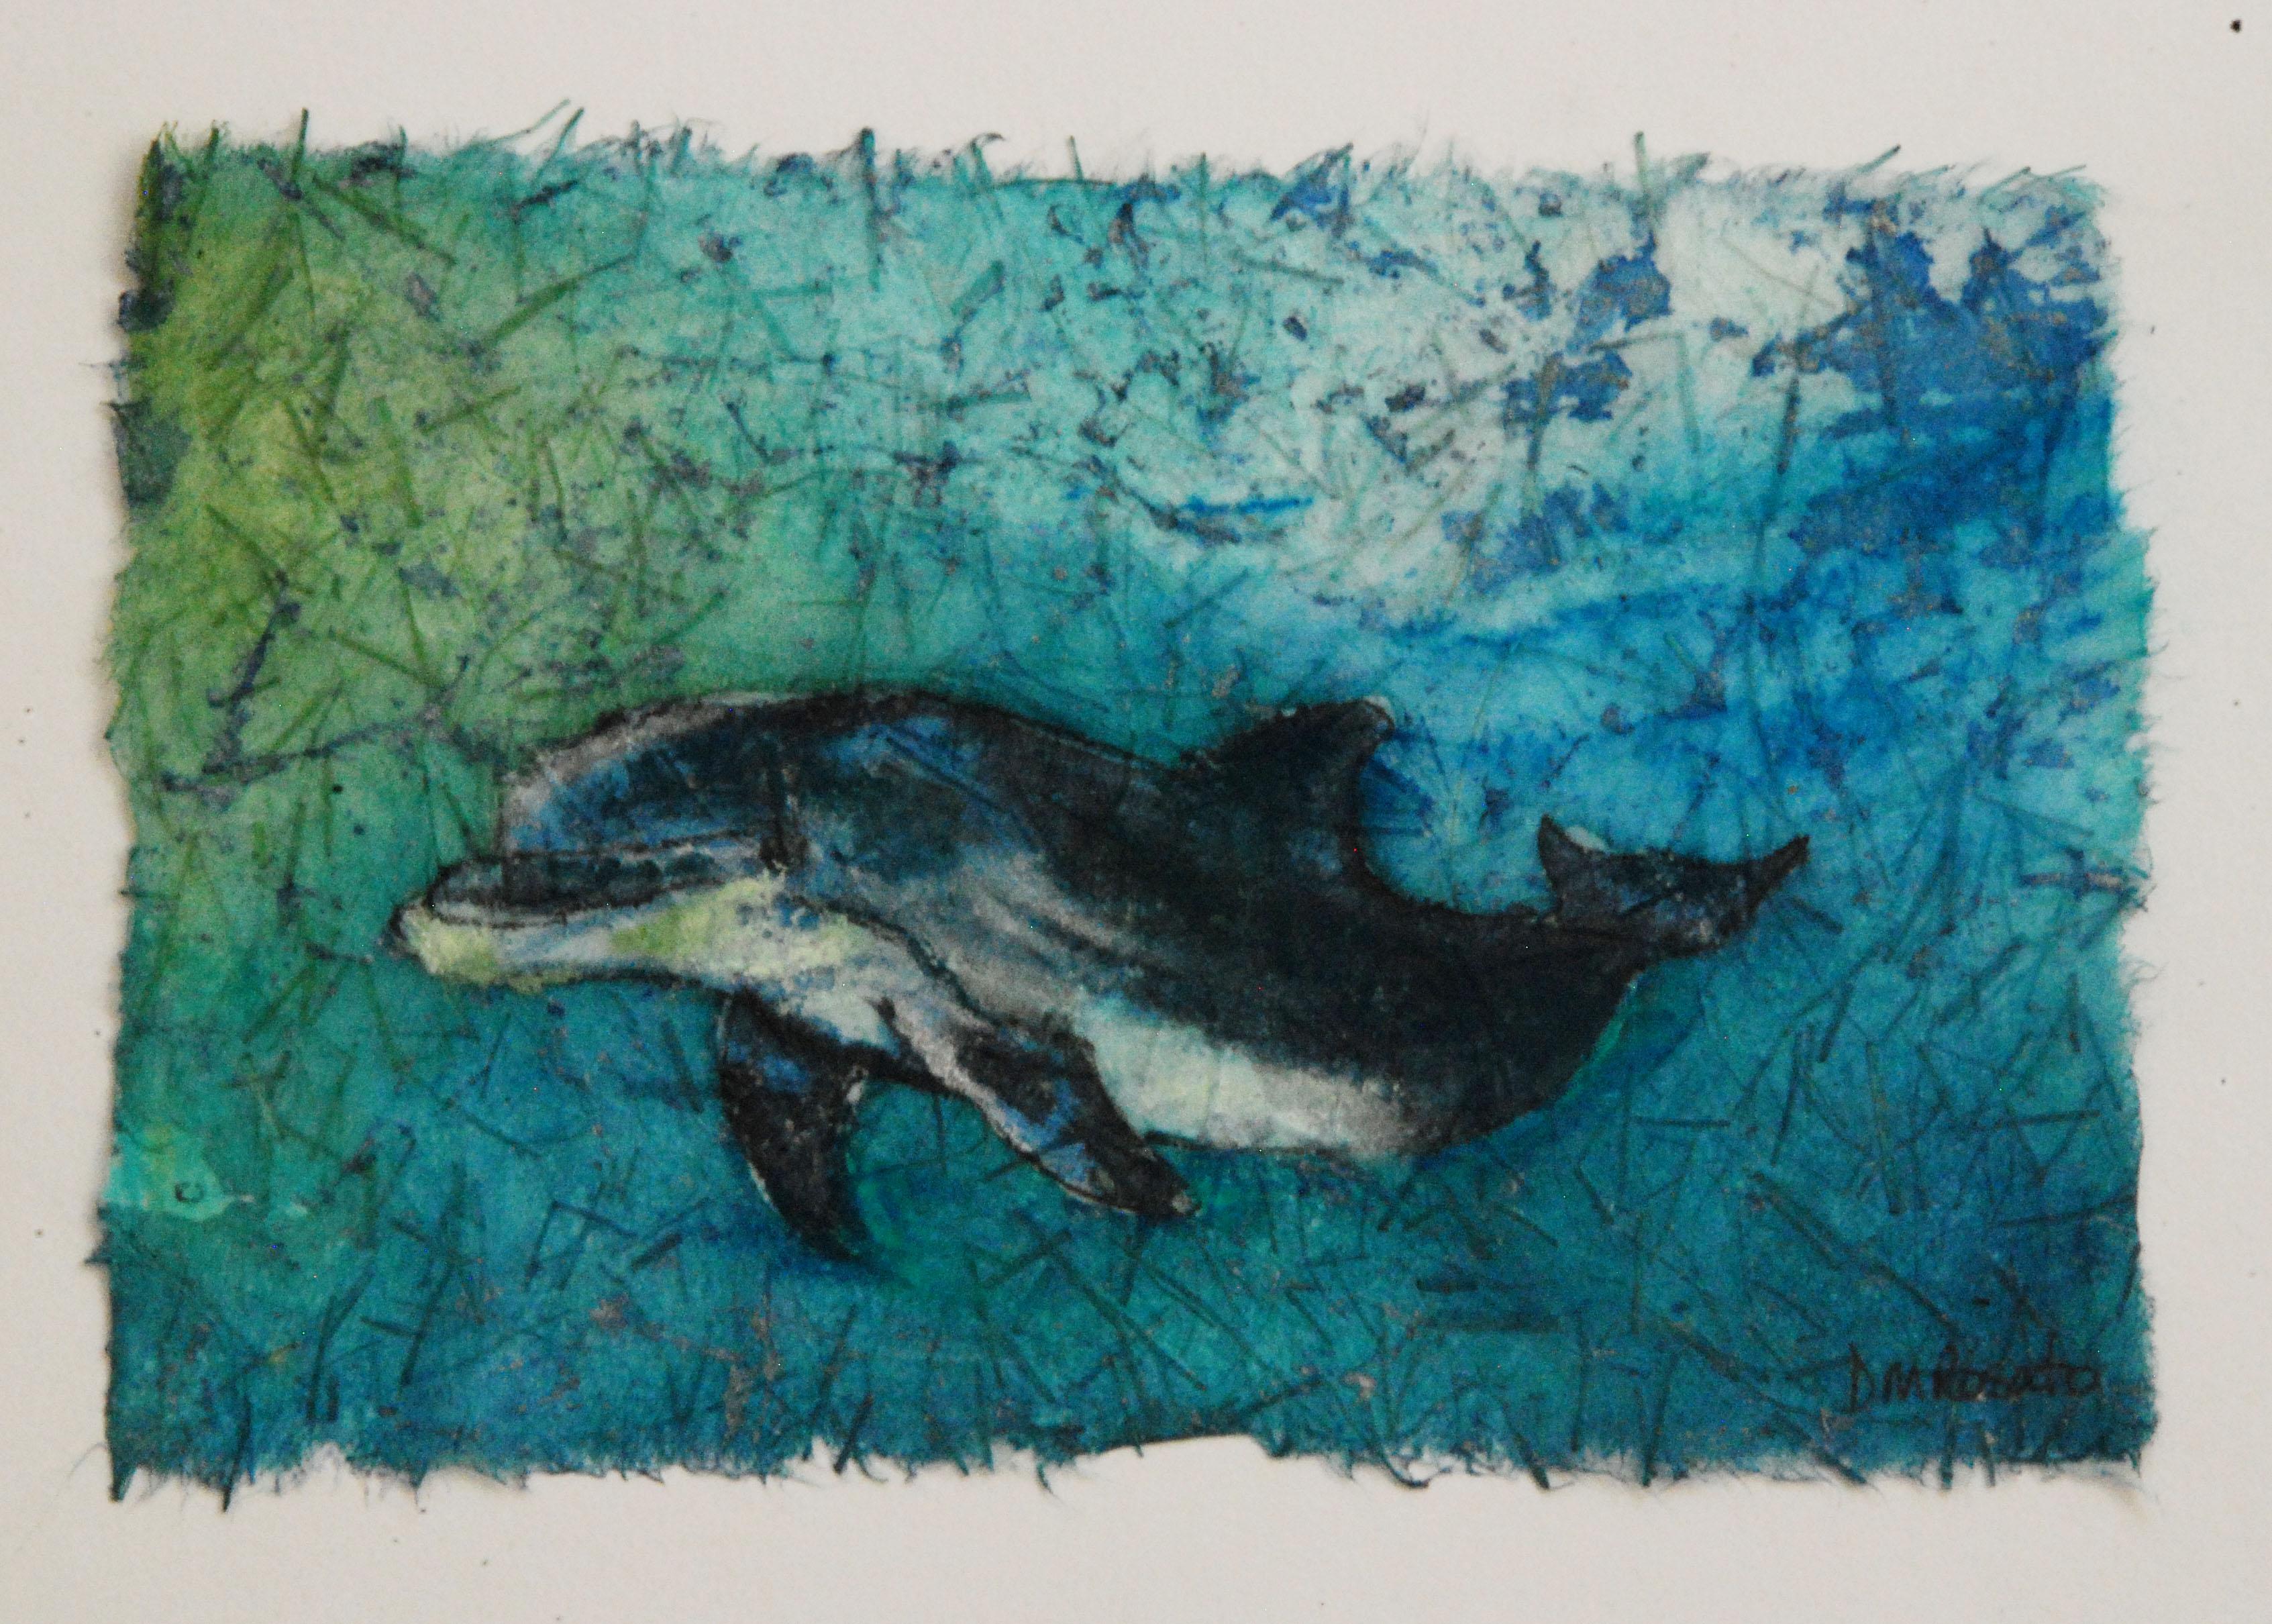 Dolphin 5x7